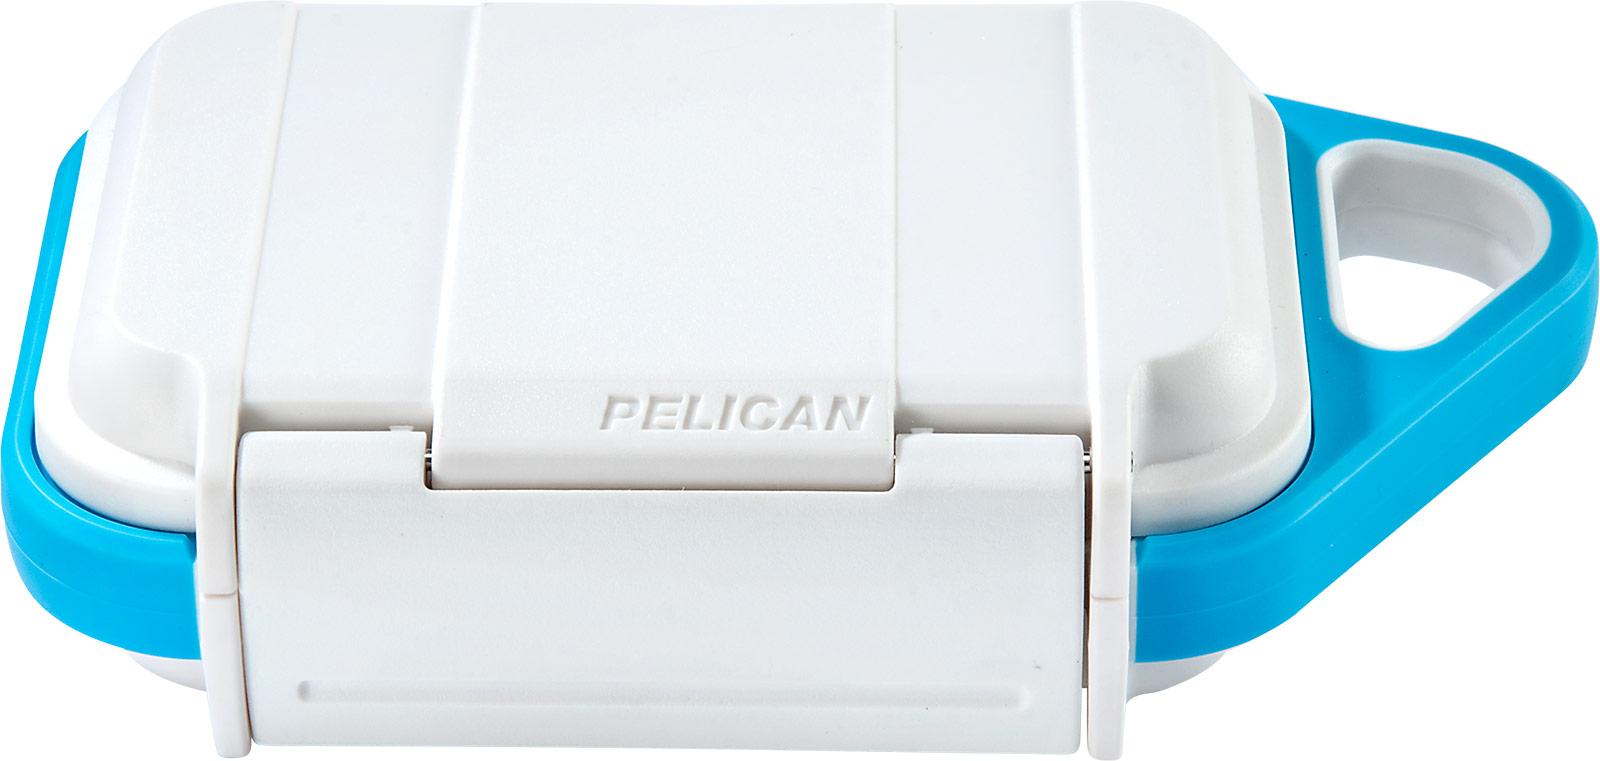 pelican g10 white protective small go case